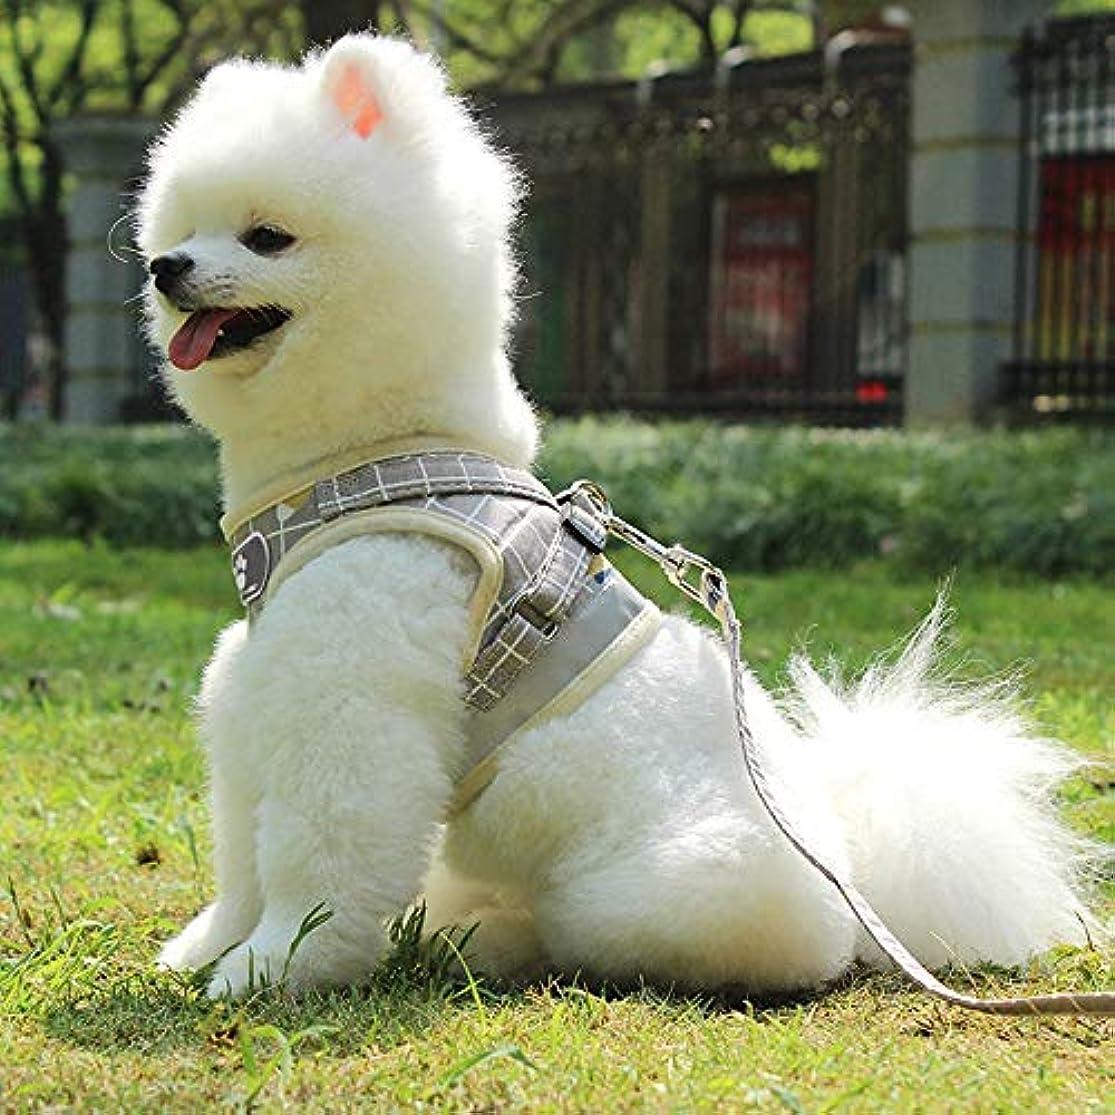 火薬サイト迷路KAKACITY 反射 犬用ハーネス引き出し不可能なペット用ハーネス調節可能な屋外ペット用ベスト犬用の材料ベスト小型中型大型犬用の簡単なコントロール (色 : カーキ)